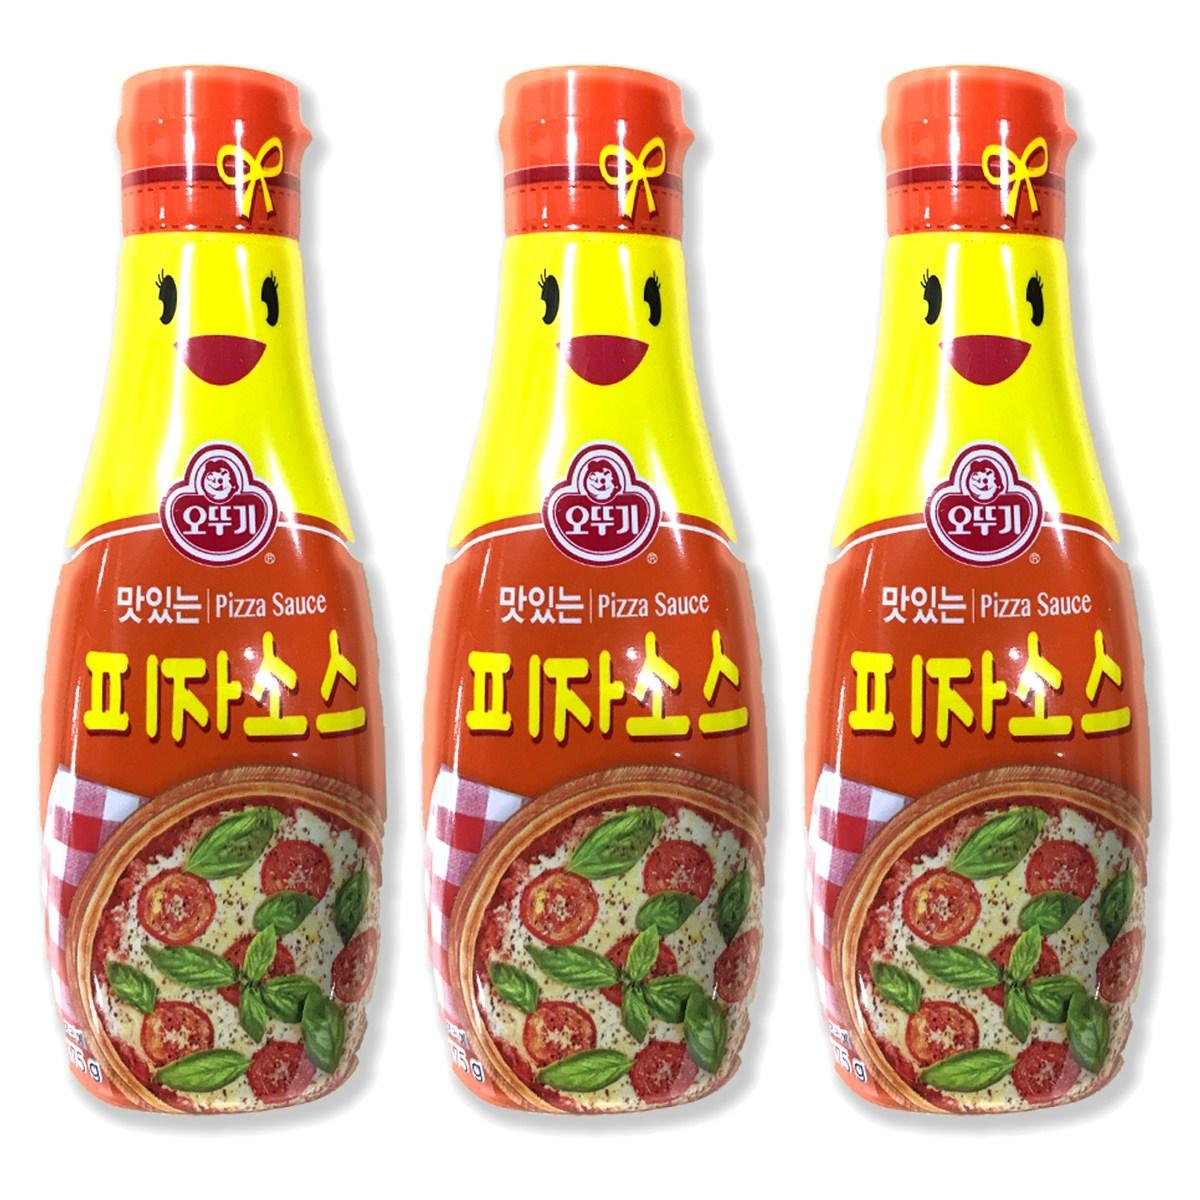 오뚜기 피자 소스 3개(175g*3개)샐러드드레싱 발사믹액상페퍼 요리양념, 175g, 3개